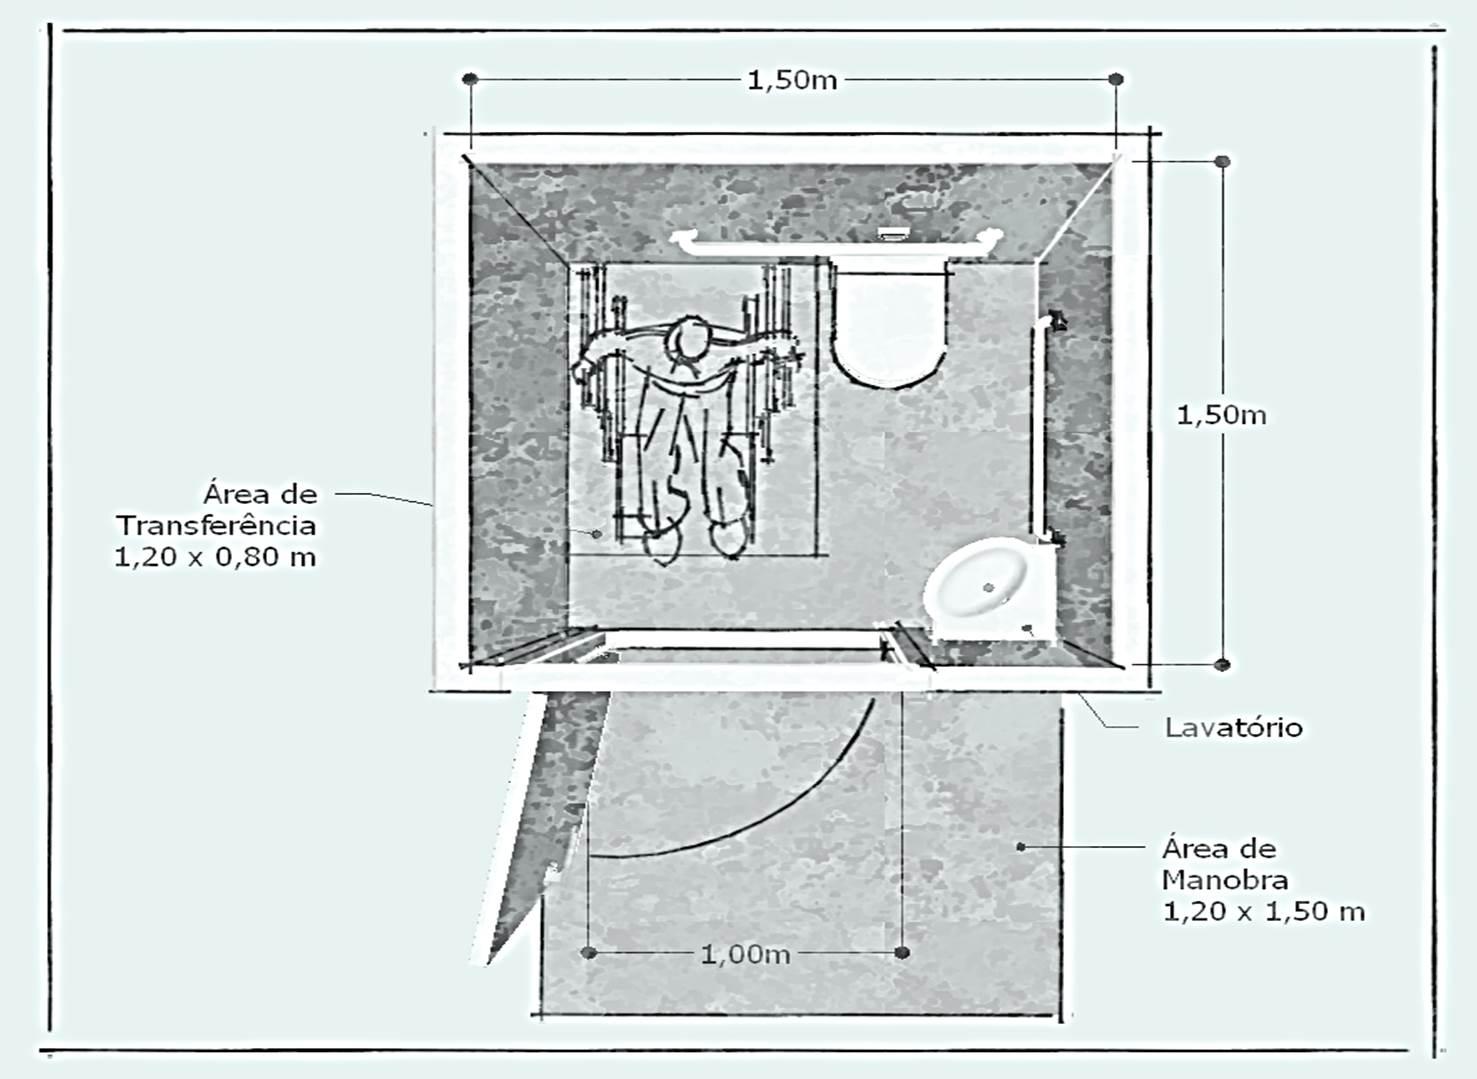 BOX DE BANHEIRO ACESSÍVEL. FONTE: A AUTORA #557676 1477x1079 Banheiro Acessivel Medidas Nbr